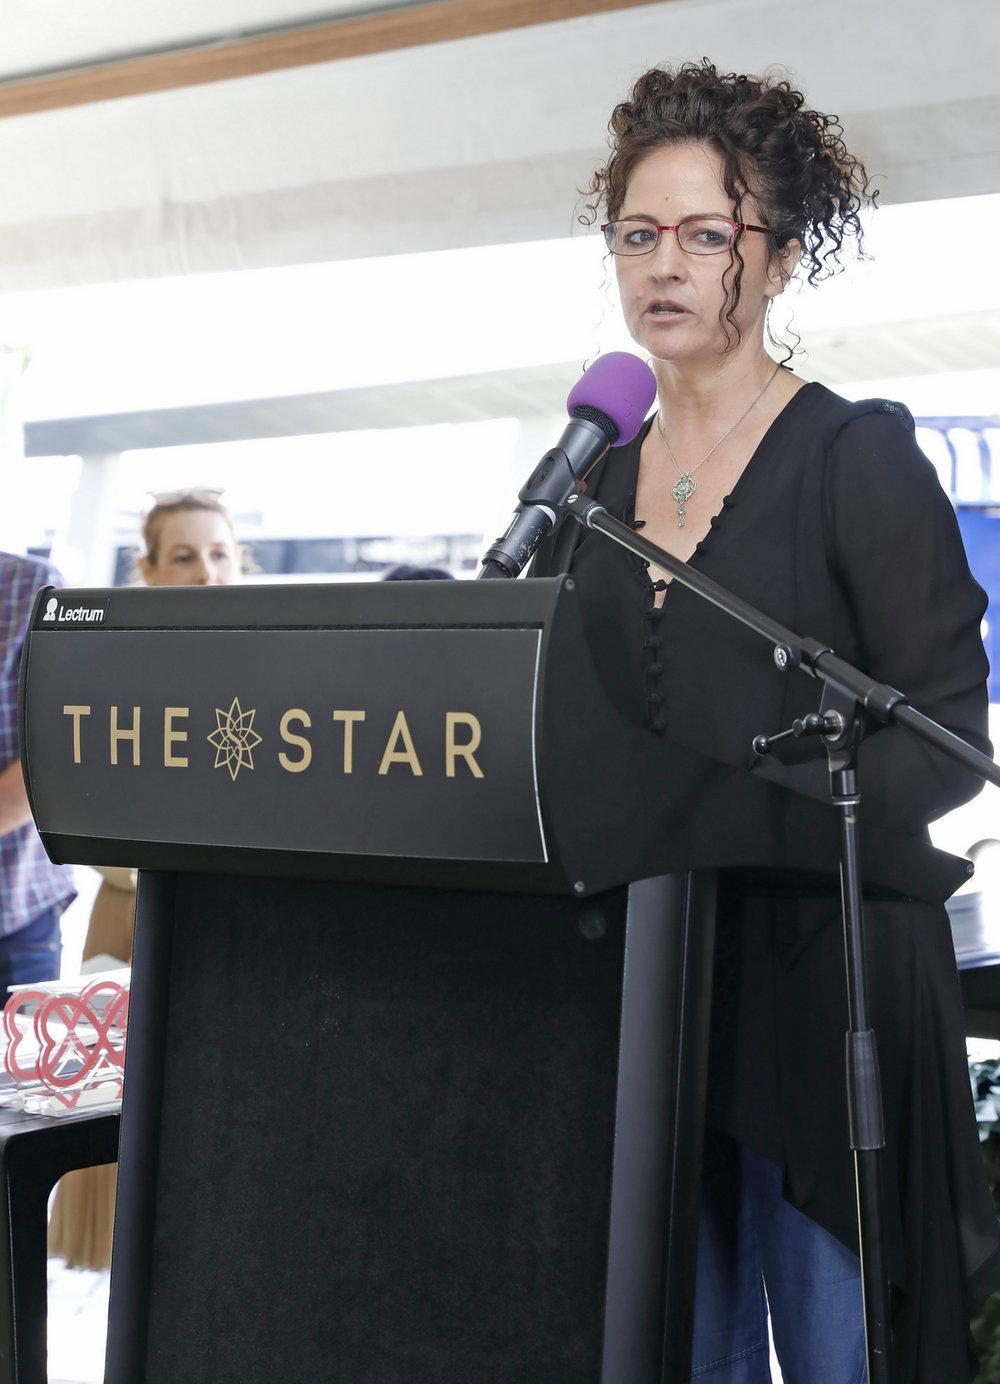 ann-marie calilhanna- mardigras awards @ sky terrace_084.JPG